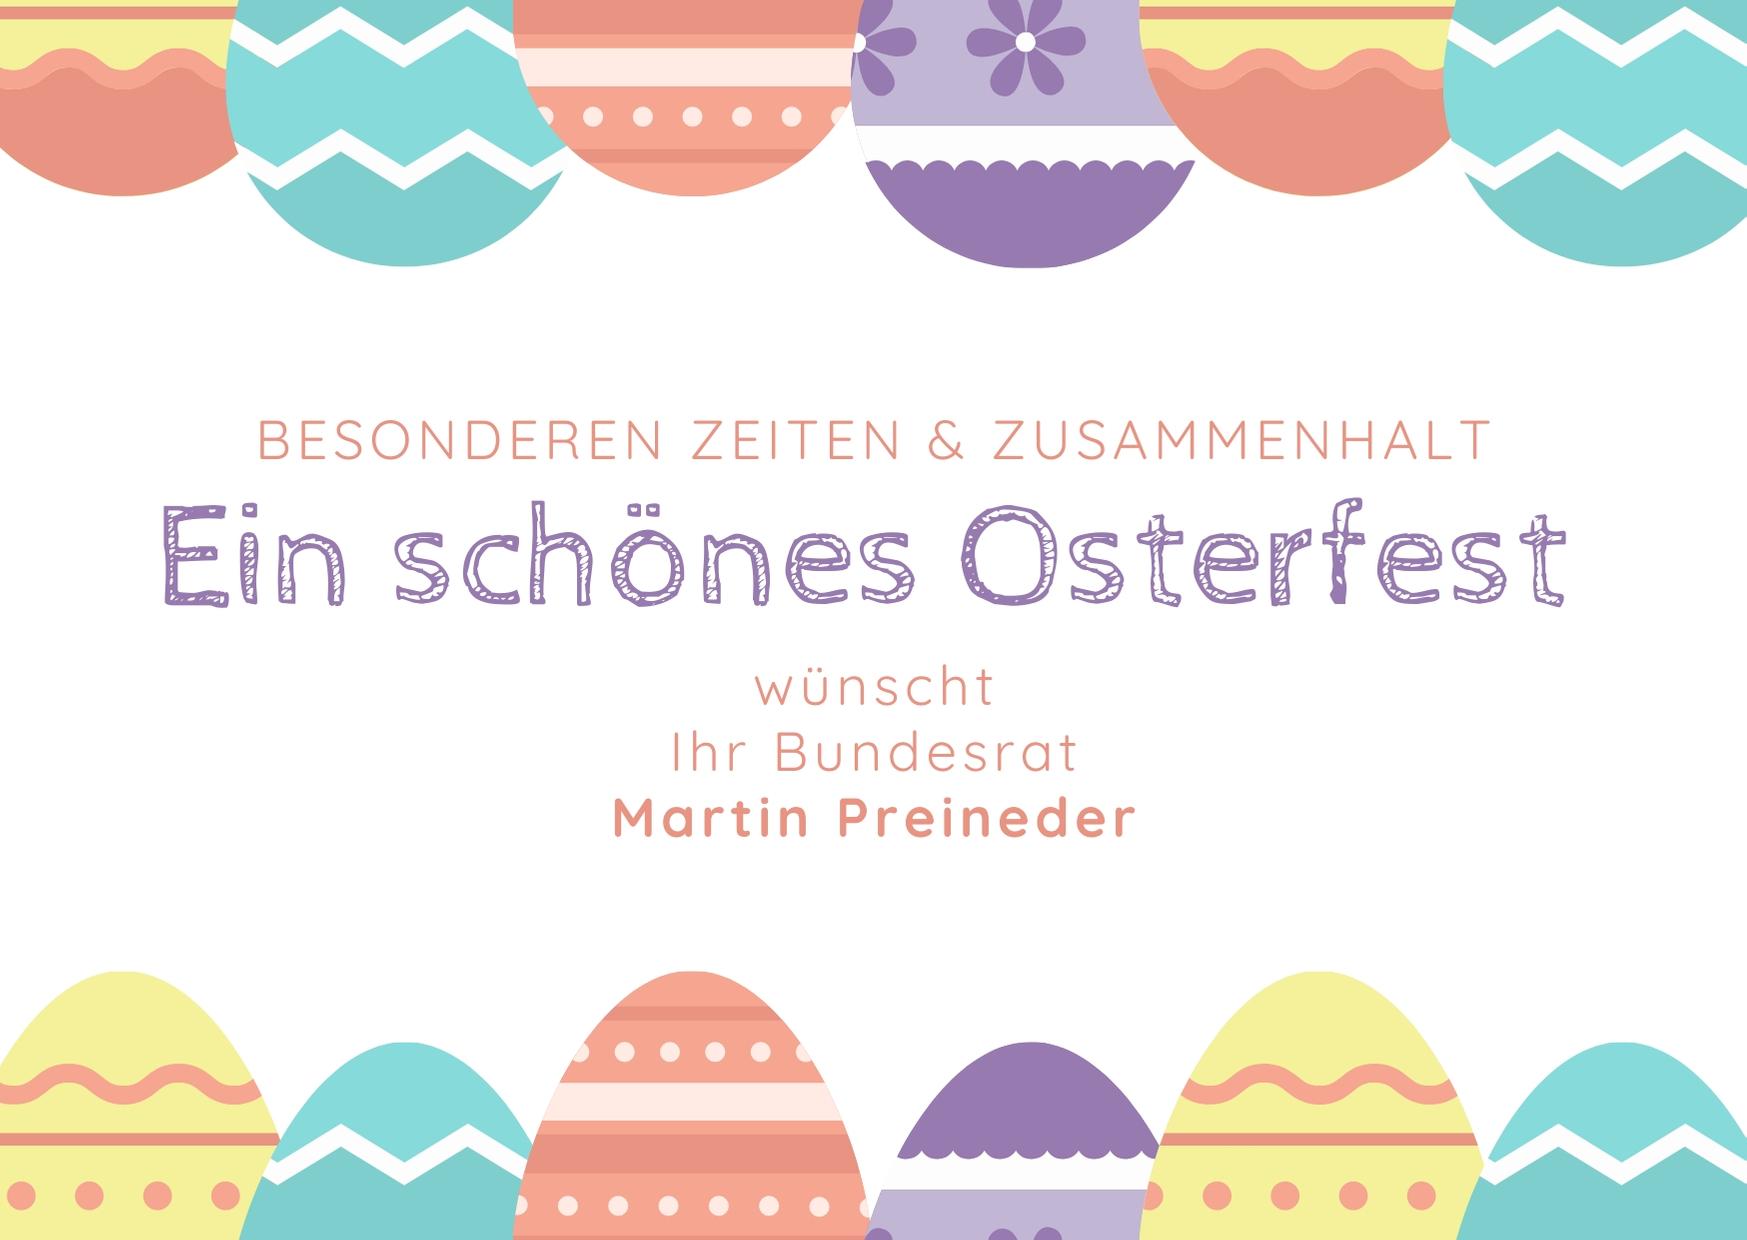 Osterkarte Preineder_1